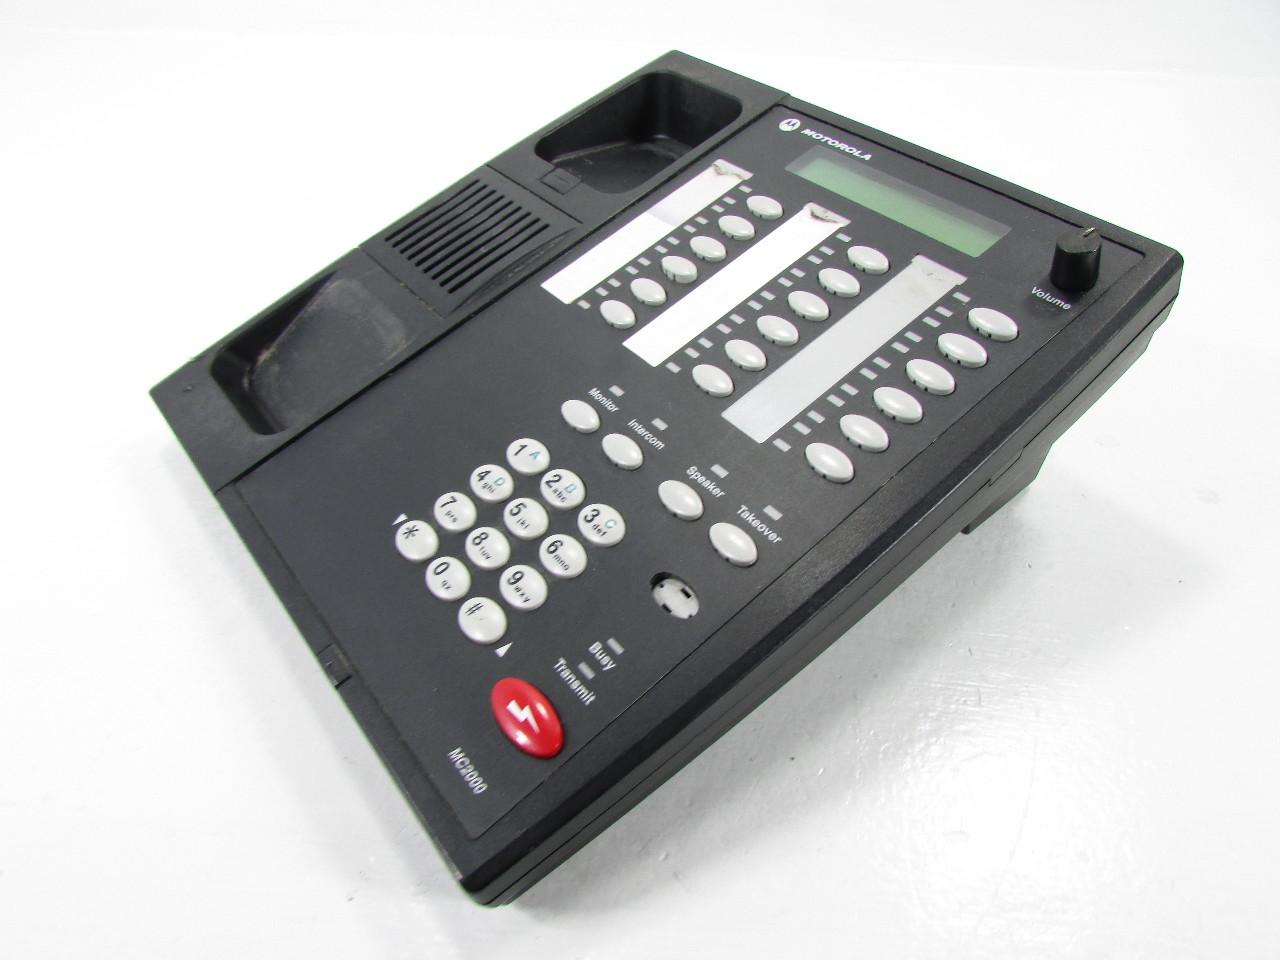 Mc1000 Deskset Installation manual